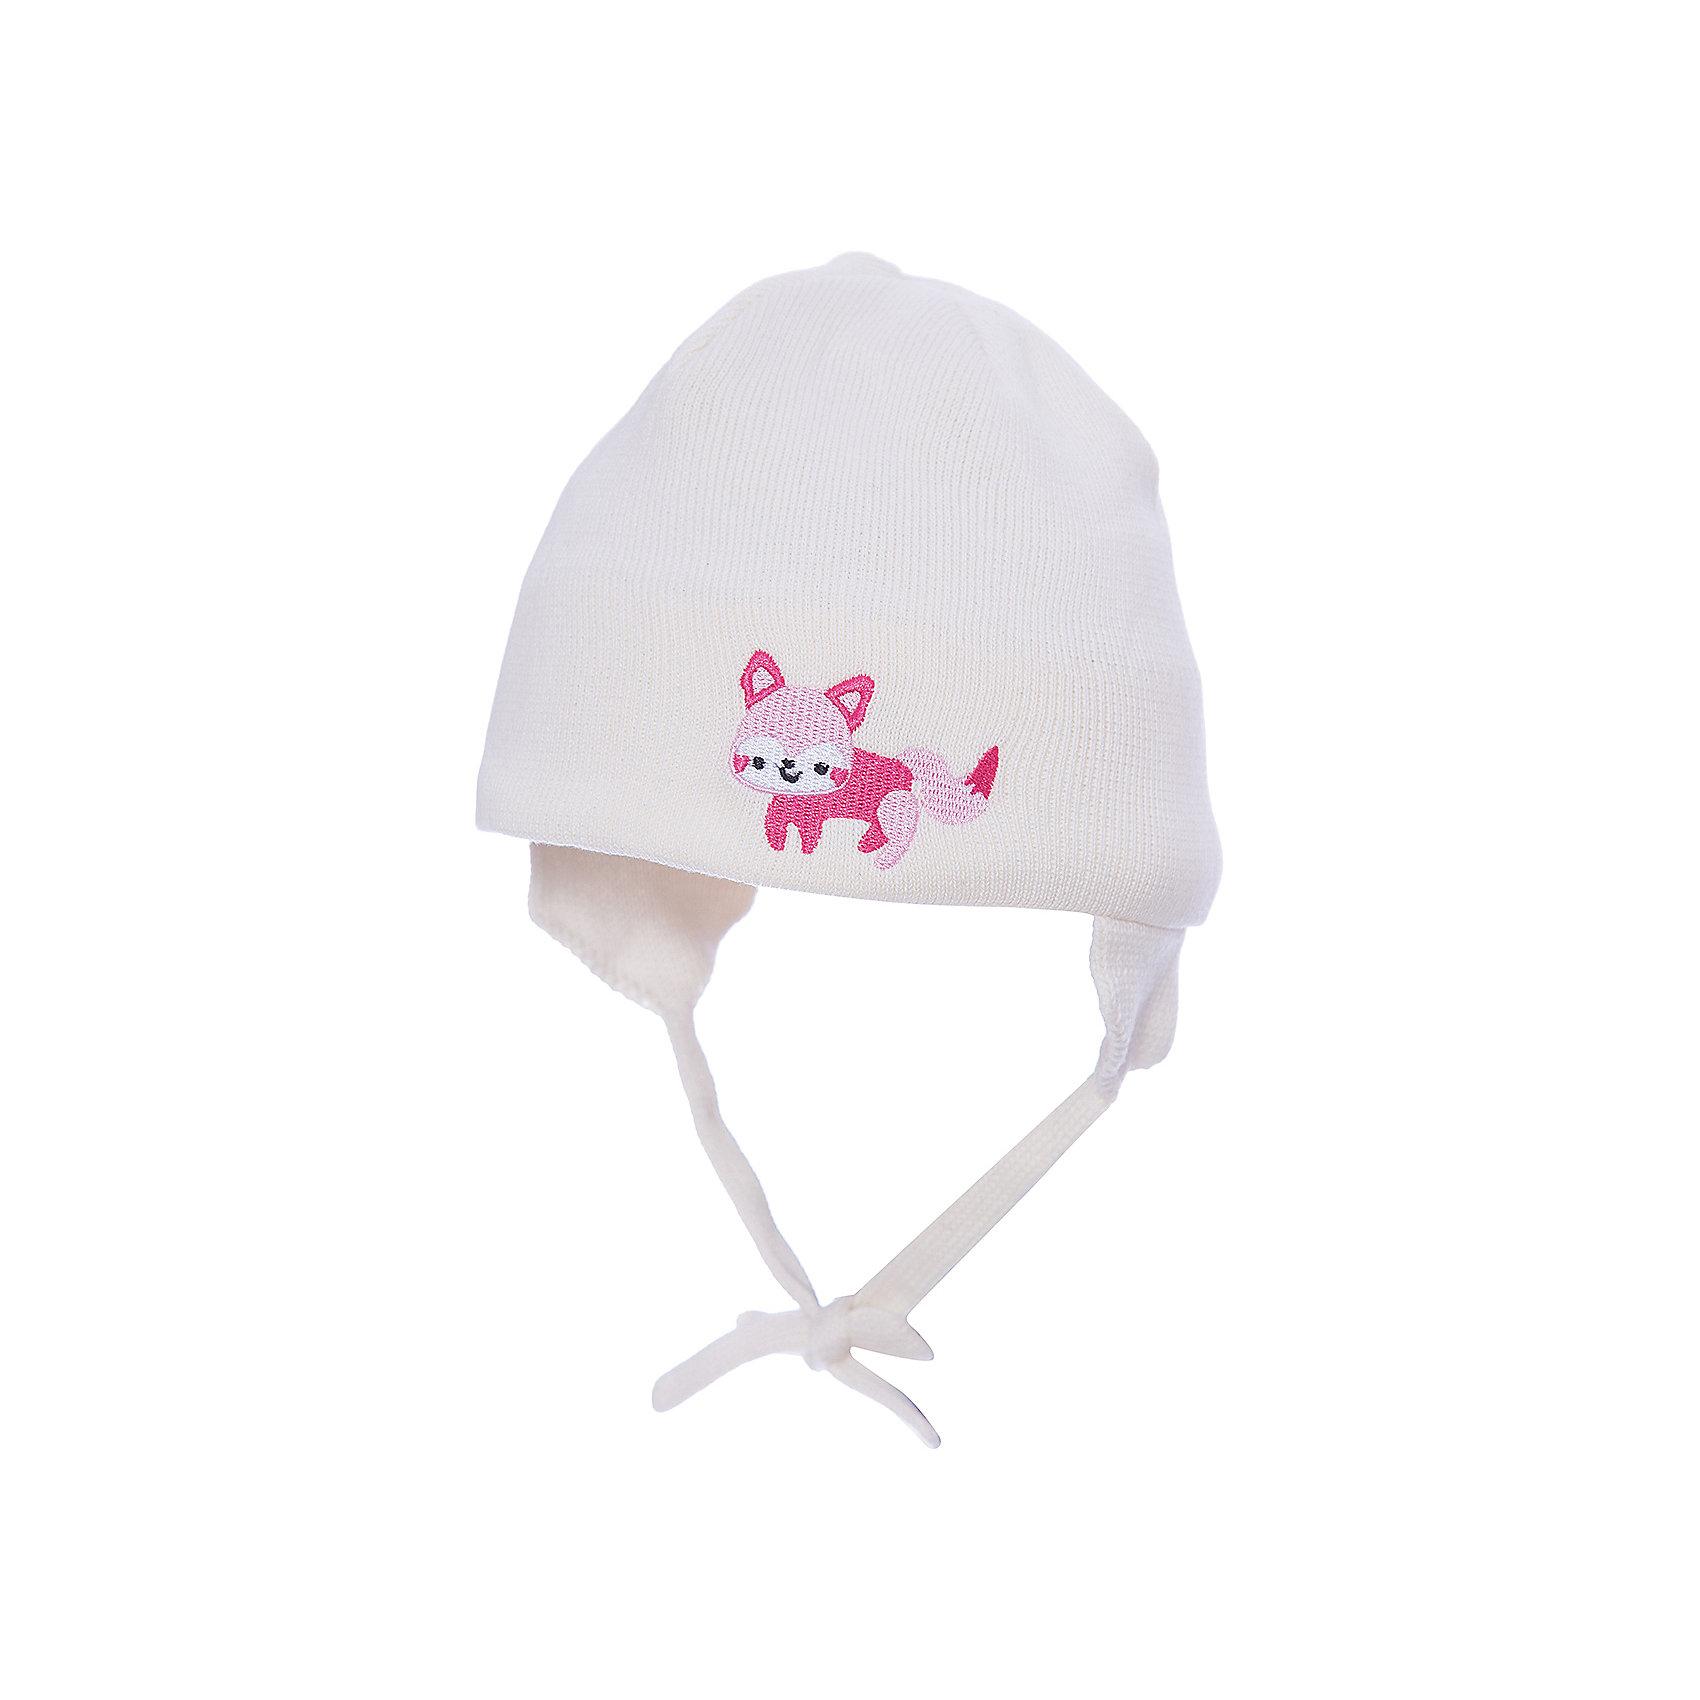 Шапка для девочки HuppaДемисезонные<br>Хлопчатобумажная демисезонная шапка на завязках.<br><br>Дополнительная информация:<br><br>Демисезонная модель<br>Состав:100% хлопок<br><br>Шапку для девочки Huppa можно купить в нашем магазине.<br><br>Ширина мм: 89<br>Глубина мм: 117<br>Высота мм: 44<br>Вес г: 155<br>Цвет: белый<br>Возраст от месяцев: 9<br>Возраст до месяцев: 12<br>Пол: Женский<br>Возраст: Детский<br>Размер: 47-49,51-53,39-43,43-45<br>SKU: 4595800